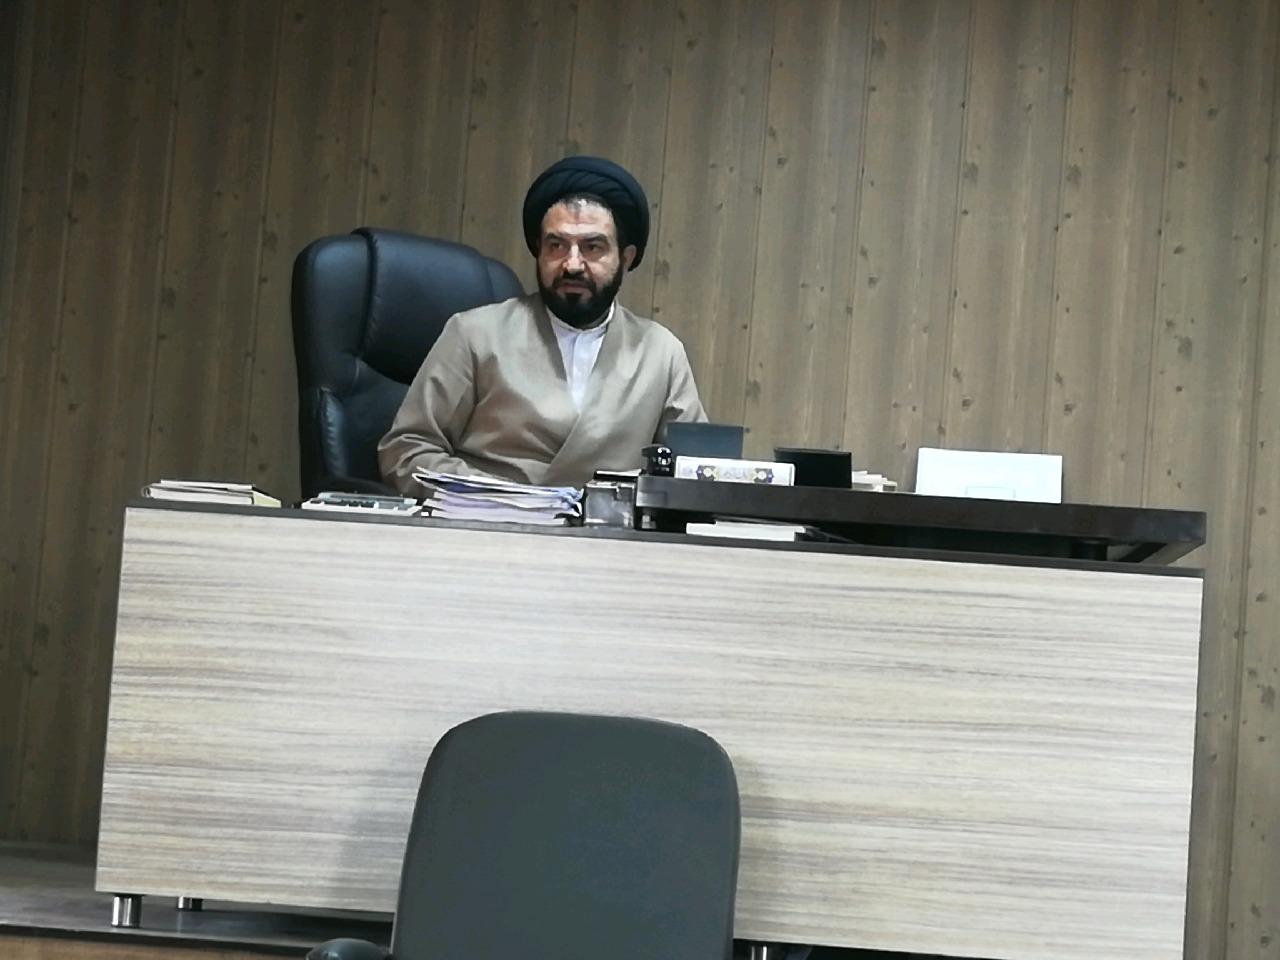 موسوی رئیس دادگستری داراب از کاهش ۵هزار پرونده ورودی به دادگستری داراب خبر داد/  آنجایی که پای نظام در میان باشد و کسی بخواهد کوچکترین آسیبی به نظام وارد نماید هیچگونه تعارف و مماشاتی نخواهیم کرد